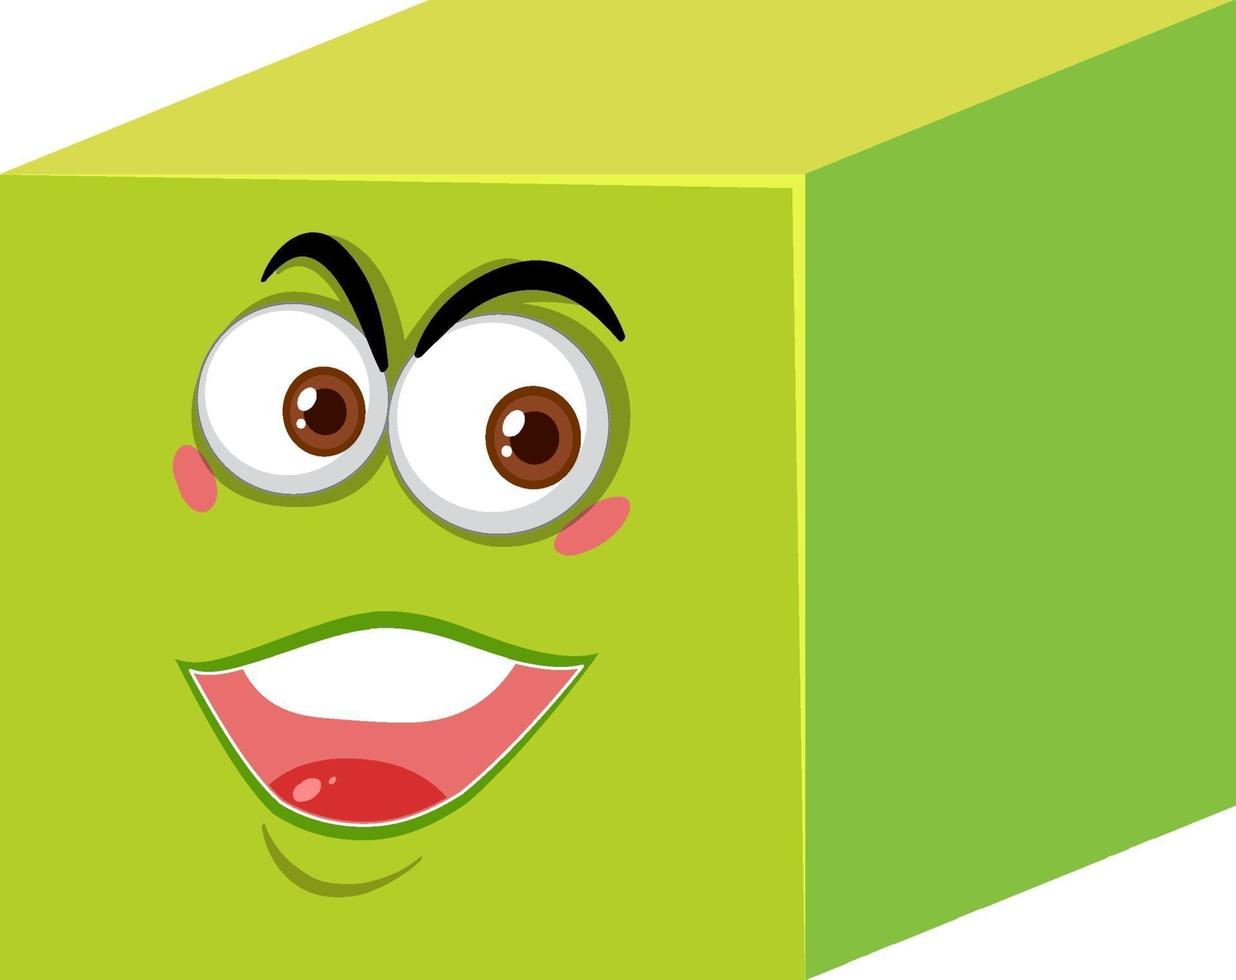 personnage de dessin animé de cube avec expression de visage sur fond blanc vecteur